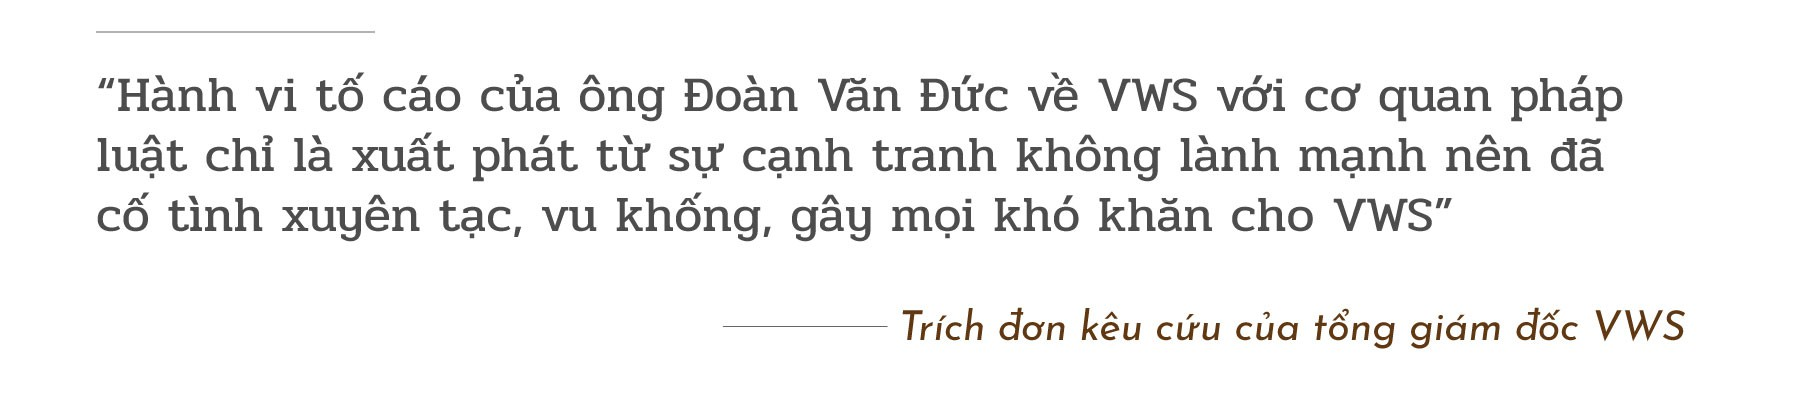 Vì sao vua rác David Dương cầu cứu Thủ tướng? - Ảnh 11.